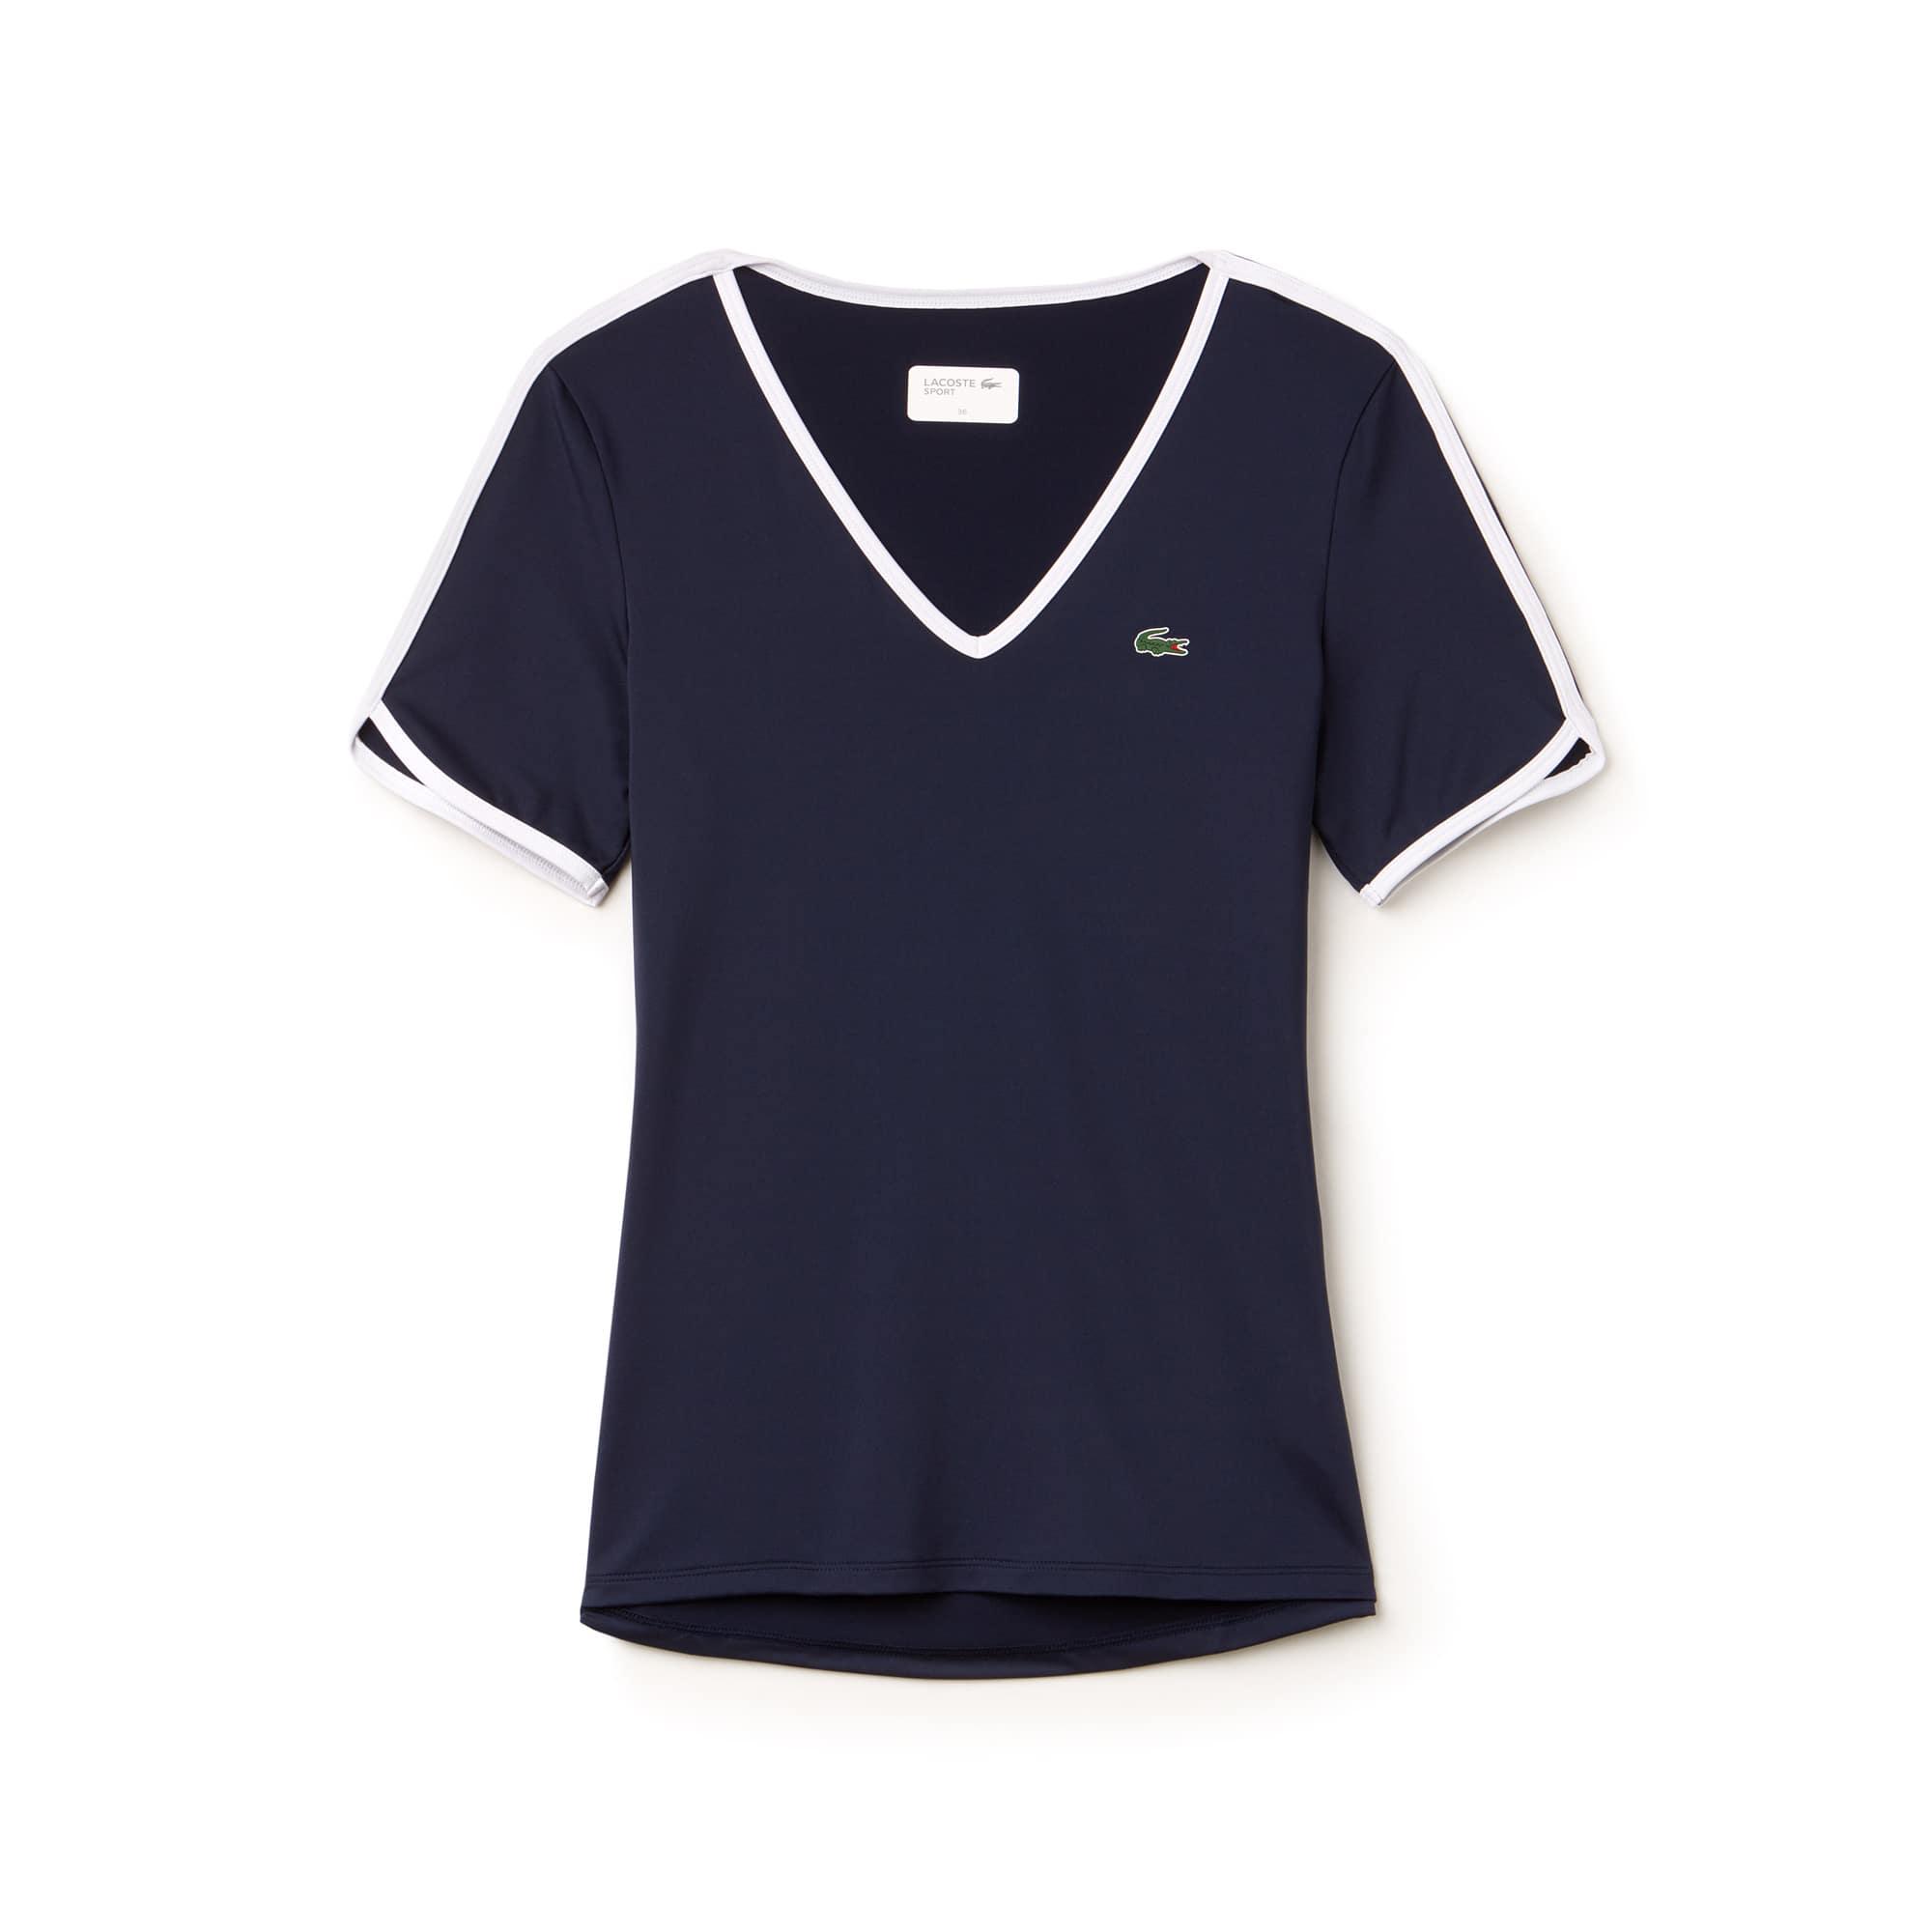 Lacoste SPORT Tennis-T-shirt dames jersey technisch met V-hals en stretch